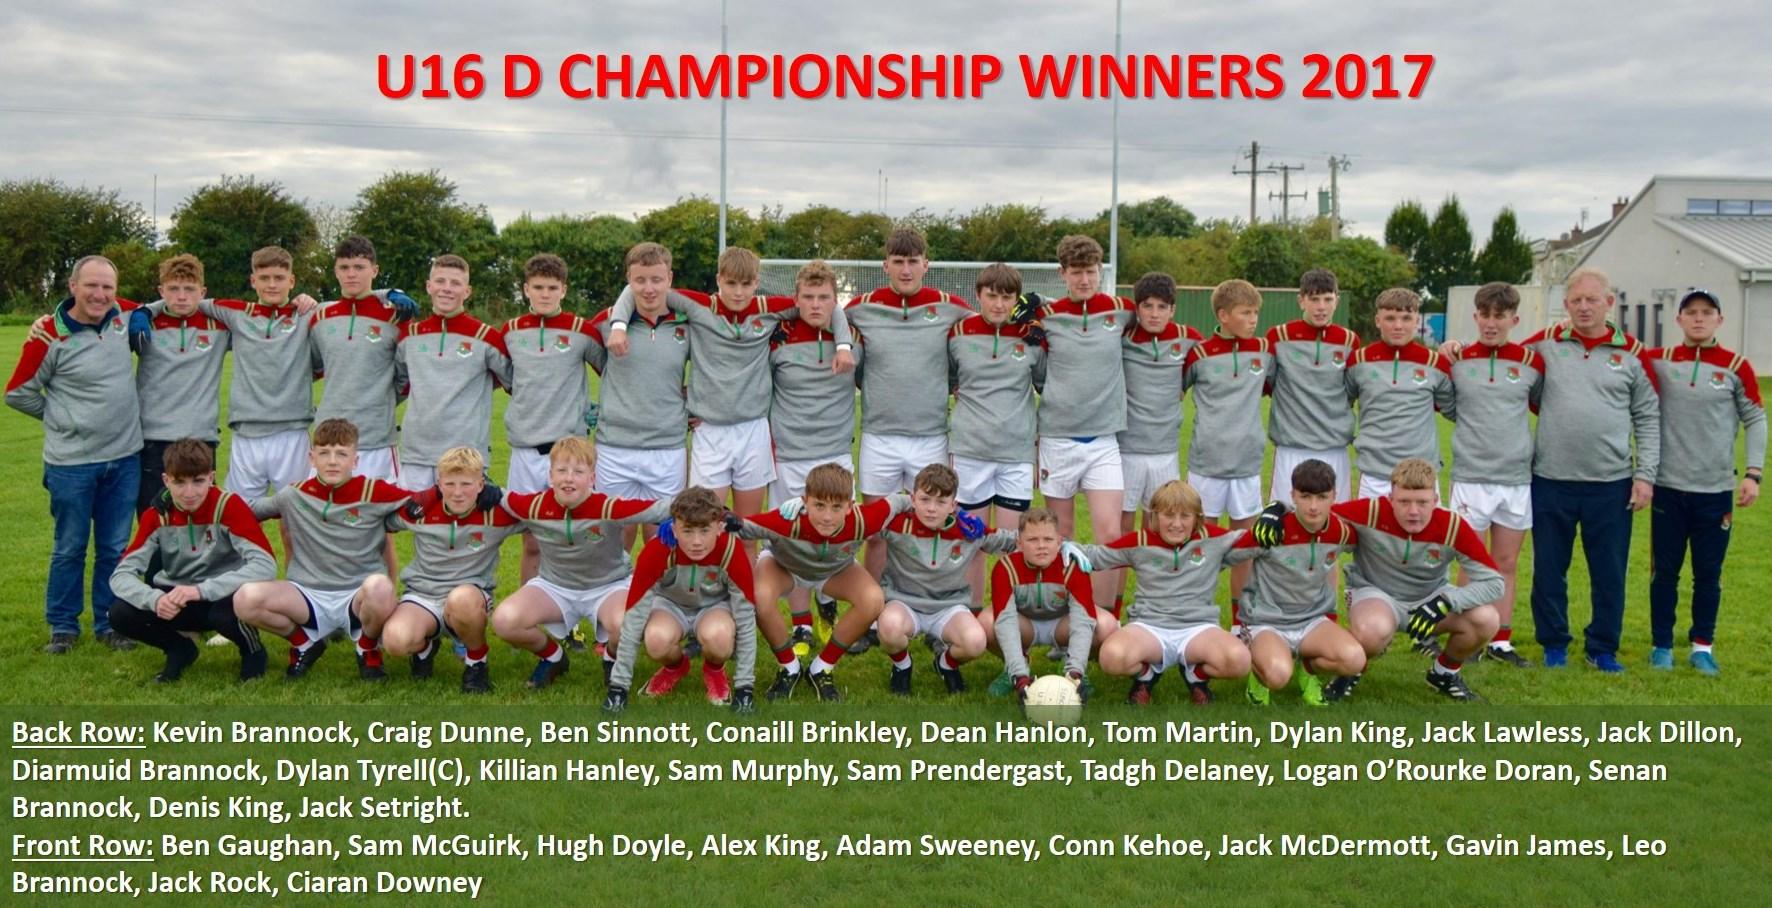 U16 D Championship Winners 2017